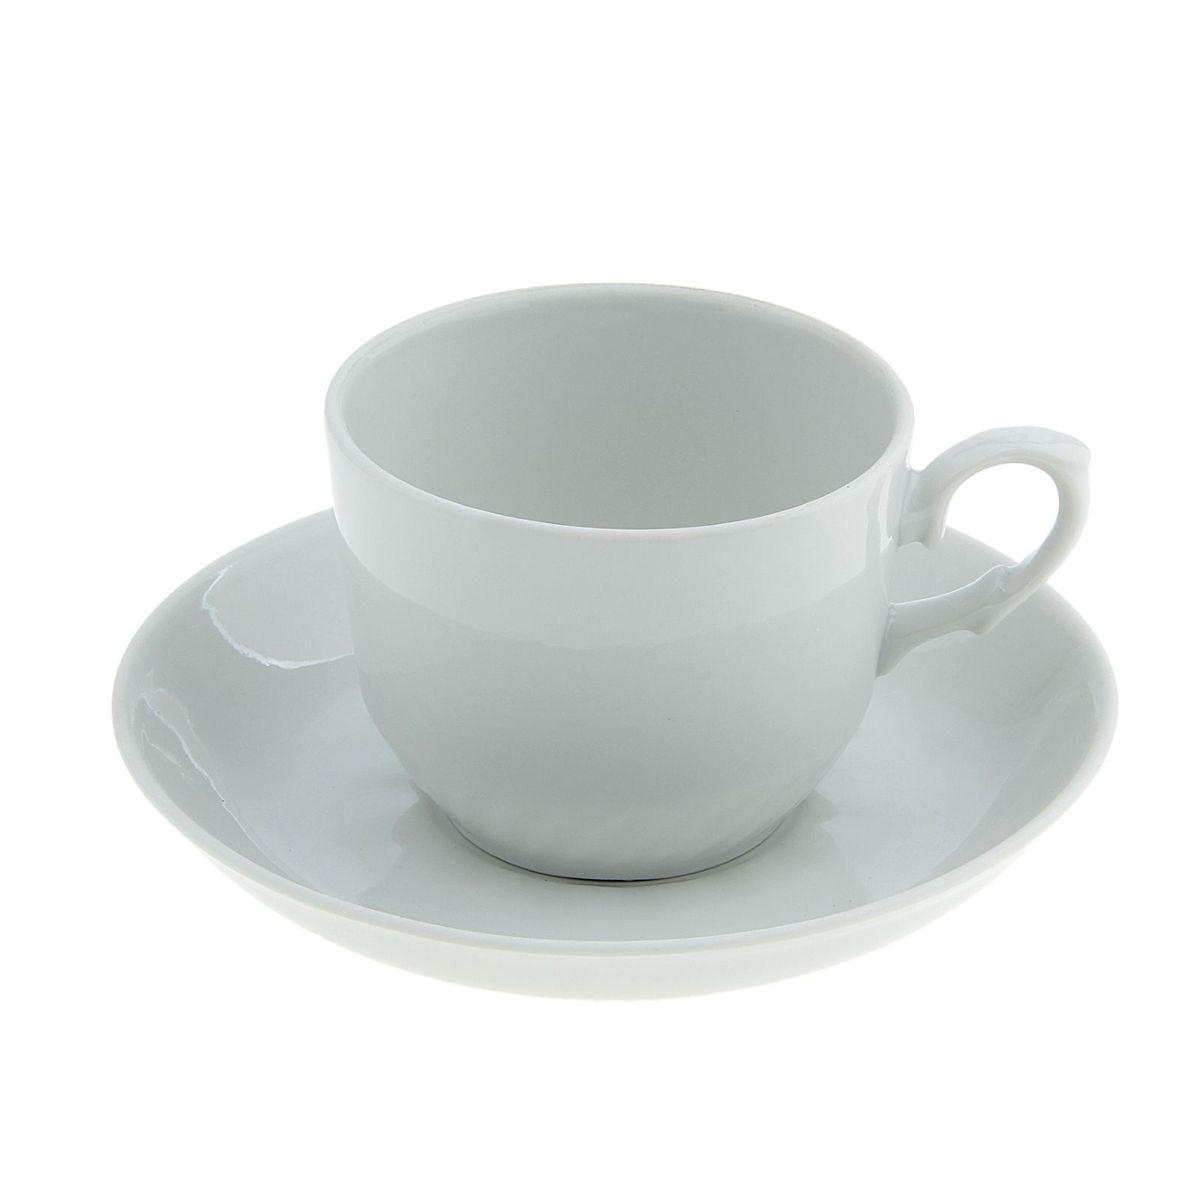 Чайная пара Кирмаш. Белье, 2 предмета7С0181/507849Чайная пара Кирмаш. Белье состоит из чашки и блюдца. Оригинальный яркий дизайн, несомненно, придется вам по вкусу.Чайная пара Кирмаш. Белье украсит ваш кухонный стол, а также станет замечательным подарком к любому празднику.